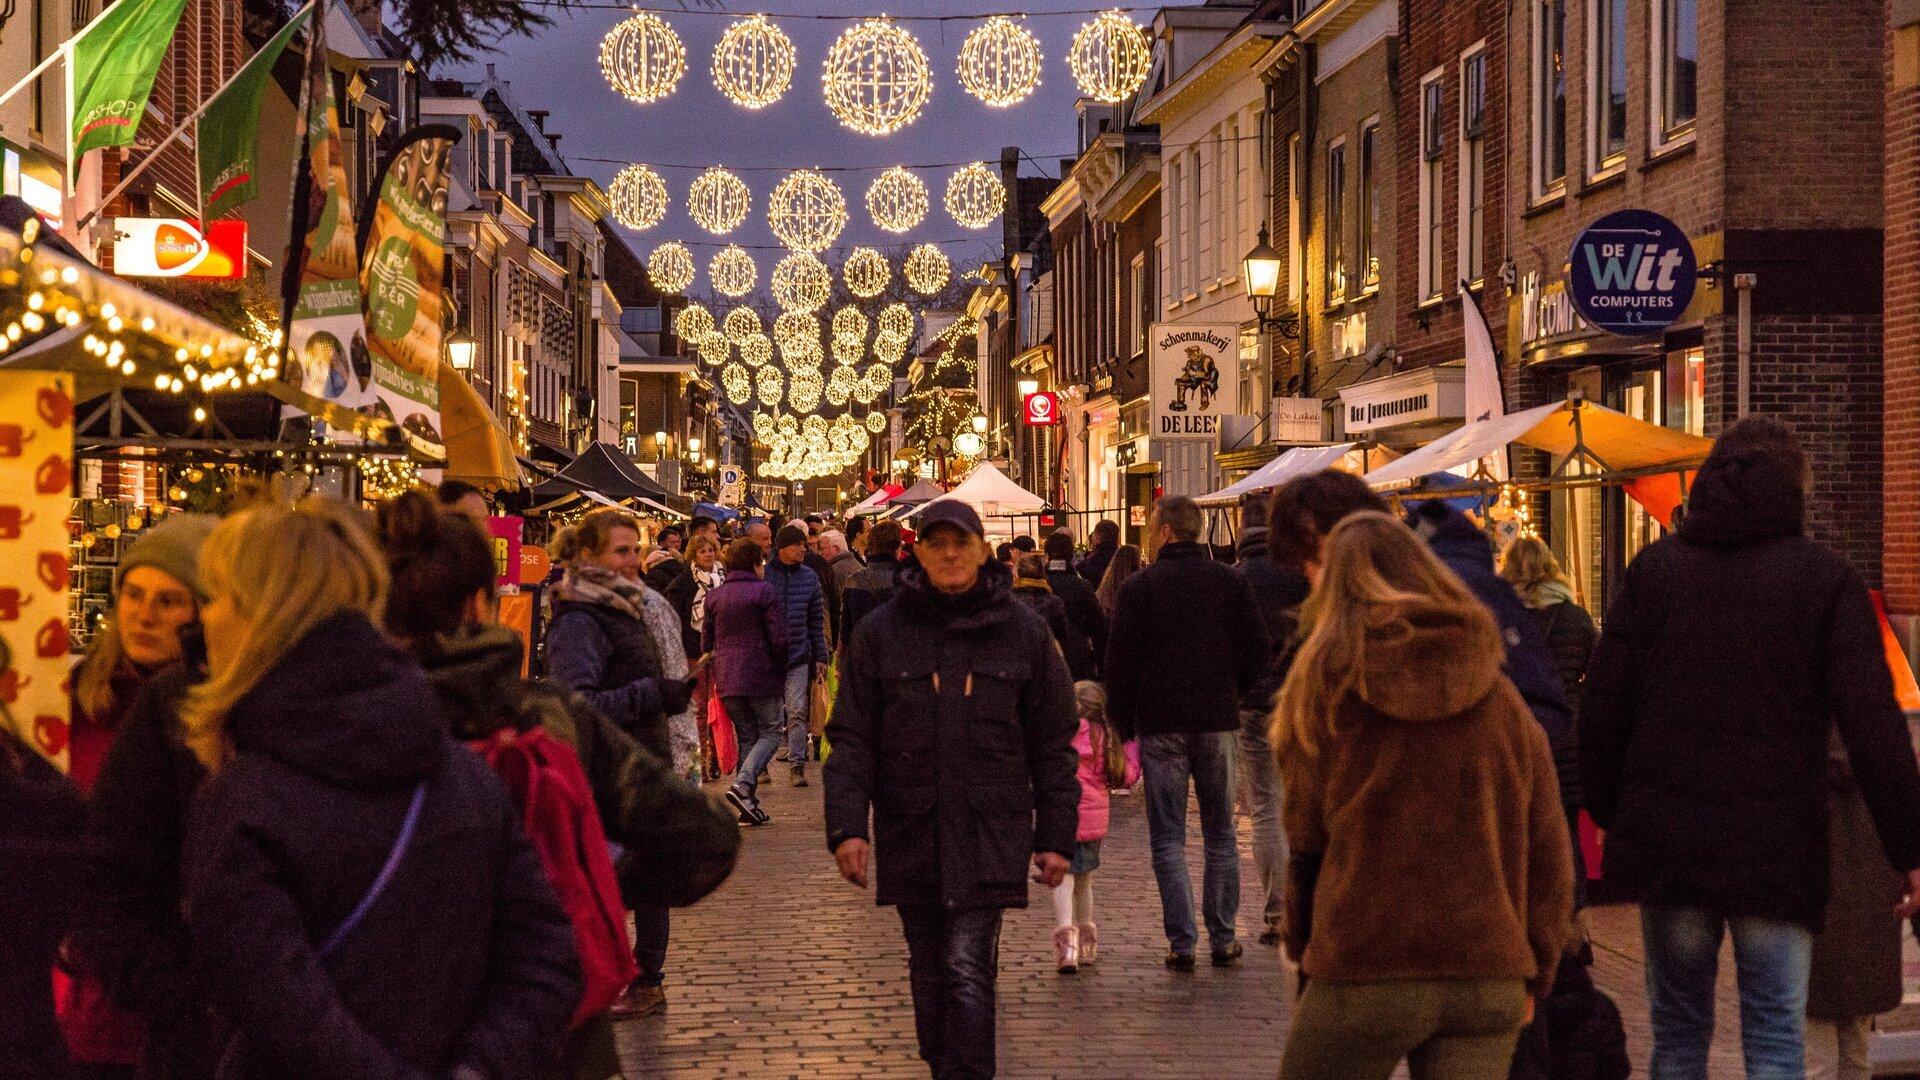 kerstmarkt-2018-ijsselstein-highres-8659-tony-buijse-.jpg